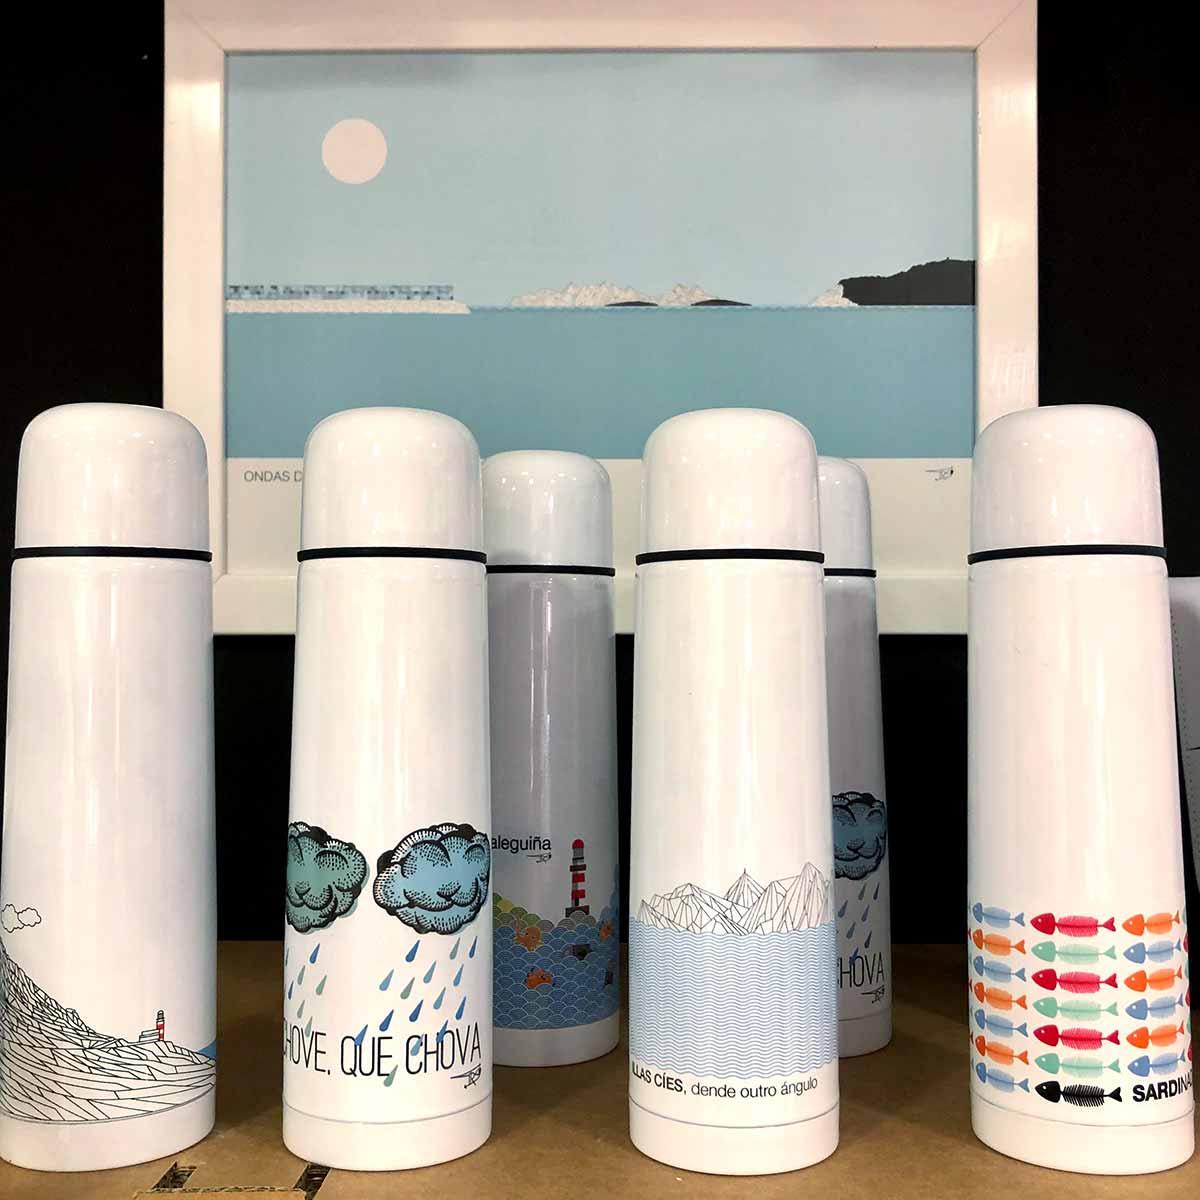 bayprints souvenart shop souvenirs originales creativos exclusivos en Baiona